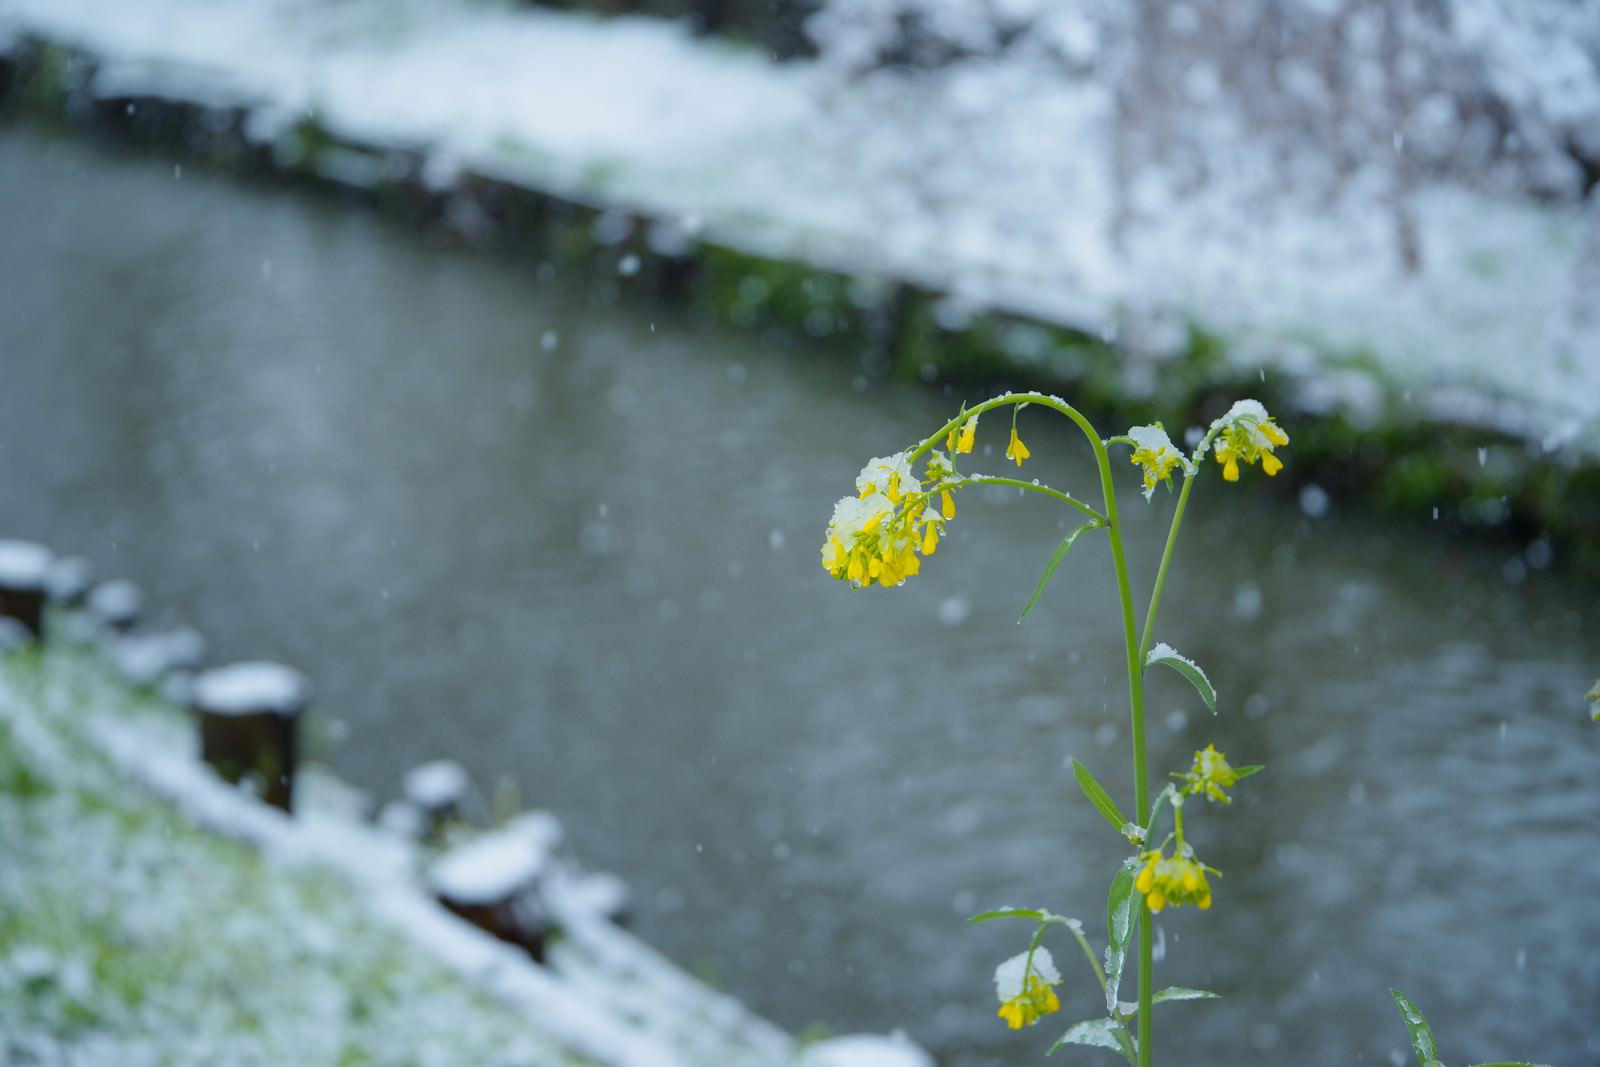 「降雪で菜の花も寒そう」の写真